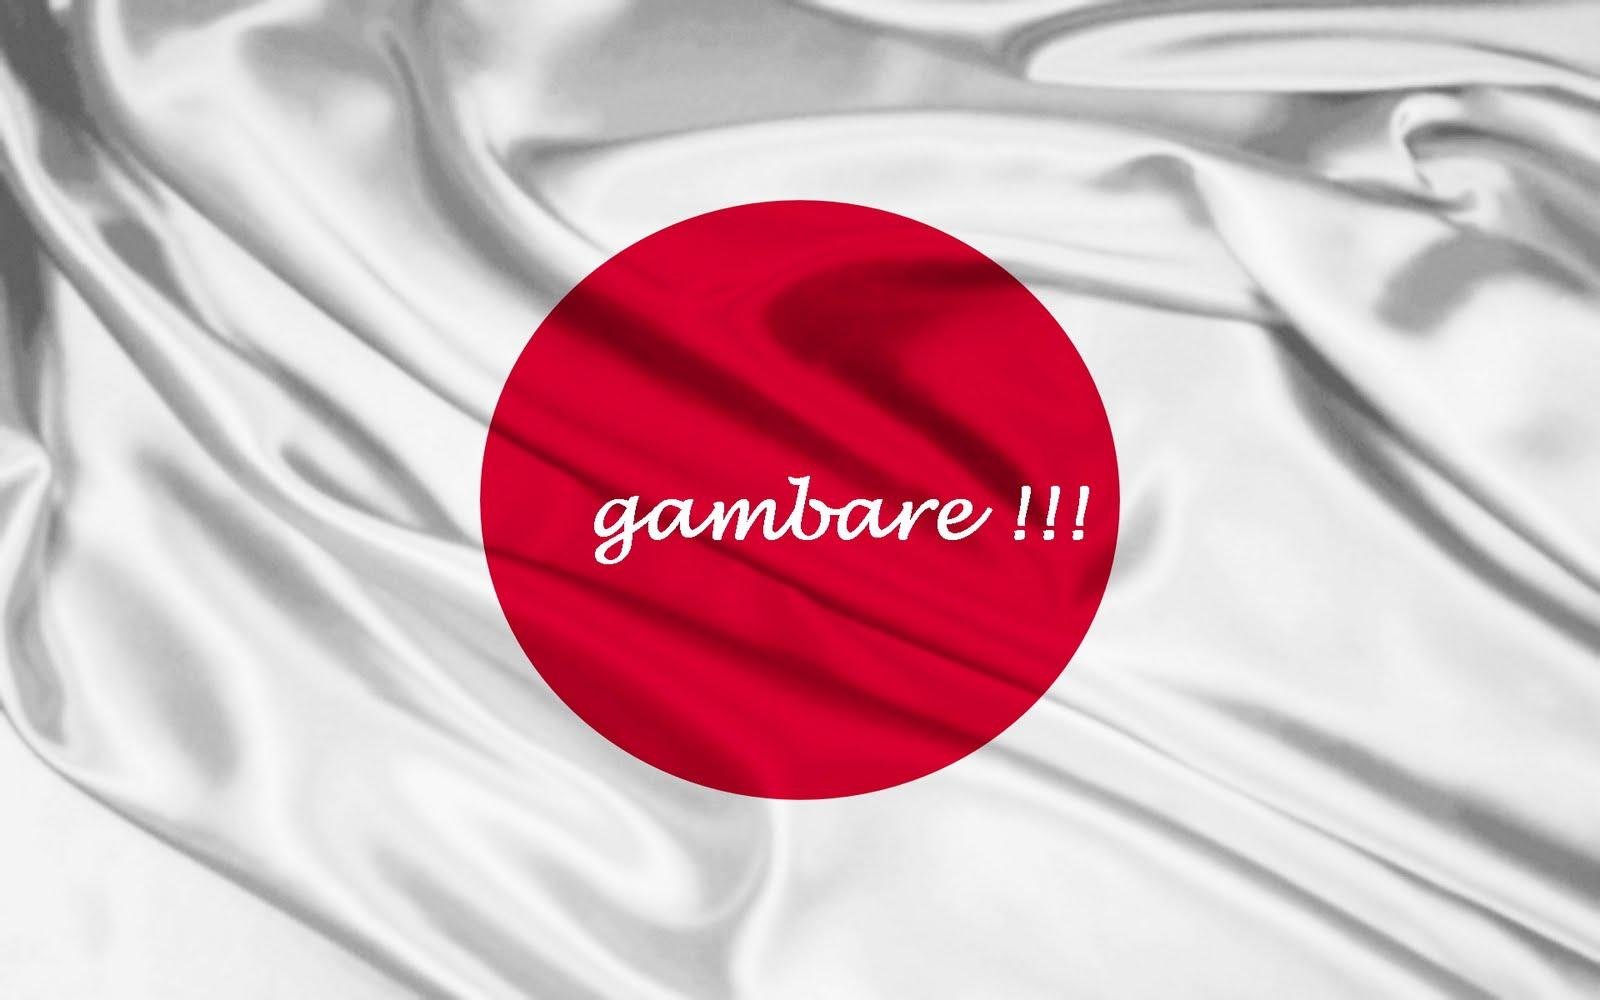 http://2.bp.blogspot.com/-raEBviz_QpU/TYA6ITv-V1I/AAAAAAAAA-Y/spX4ettgaSk/s1600/Japan-Flag-wallpapers-1920x1200.jpg